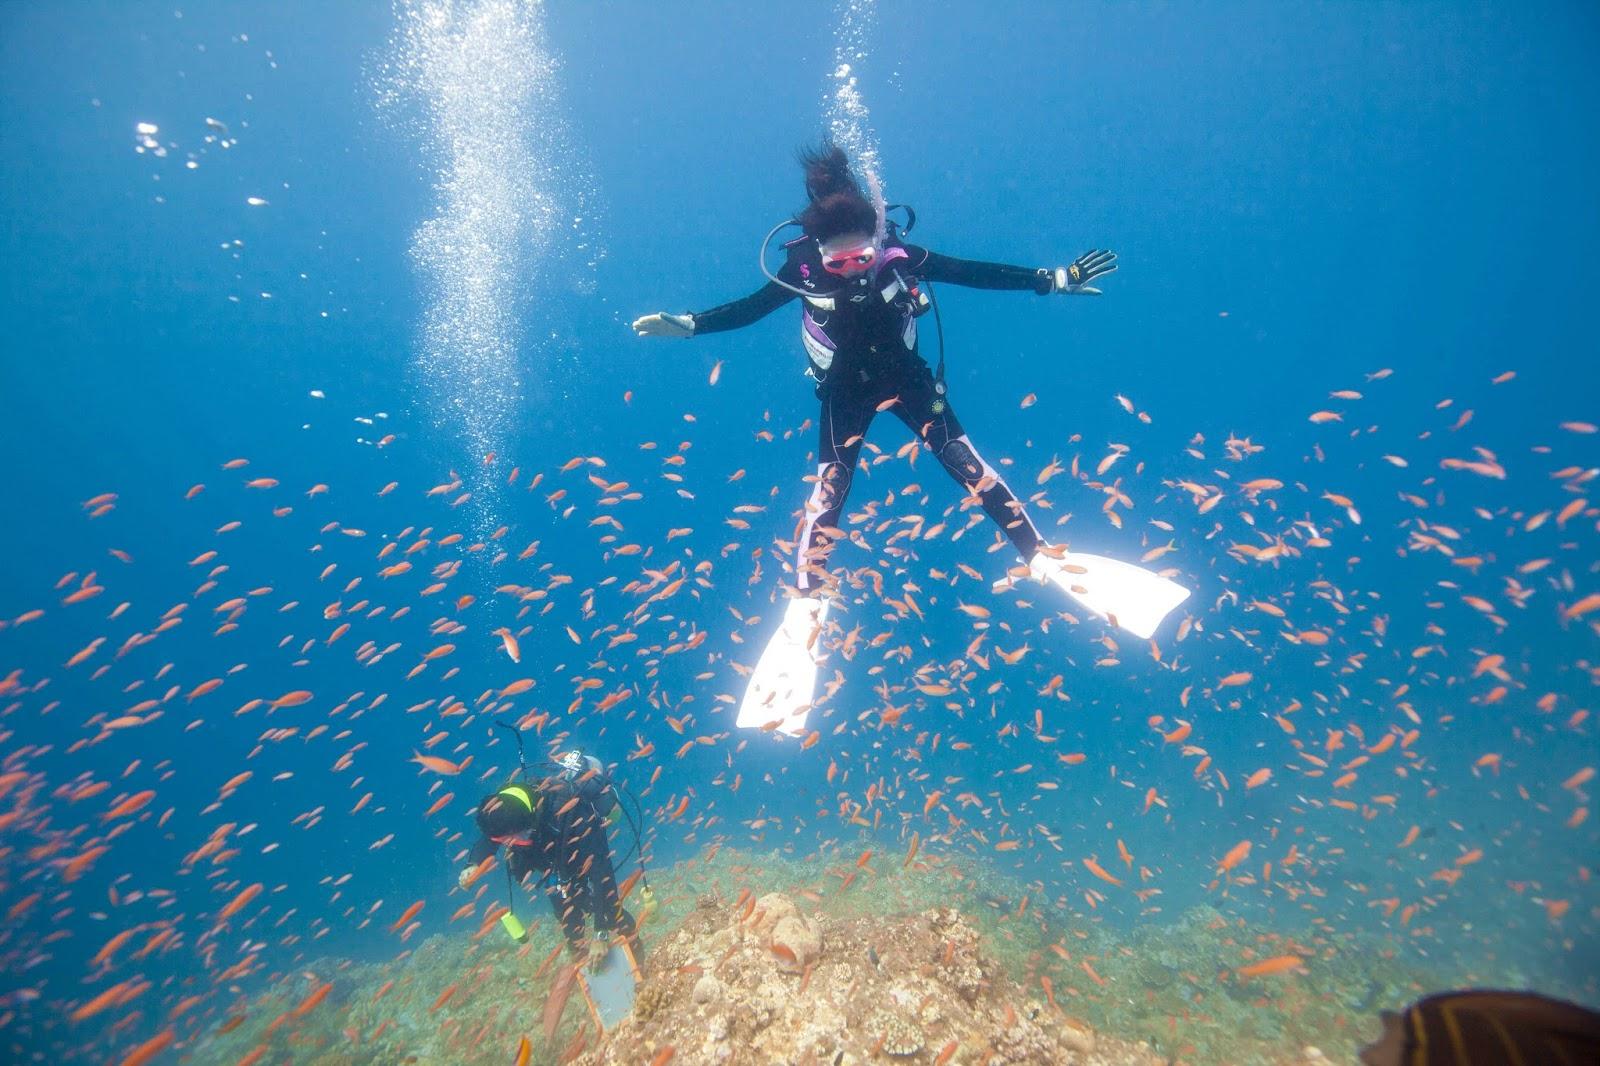 沖繩-沖繩潛水-沖繩浮潛-宮古群島-推薦-潛點-Okinawa-scuba-diving-snorkeling